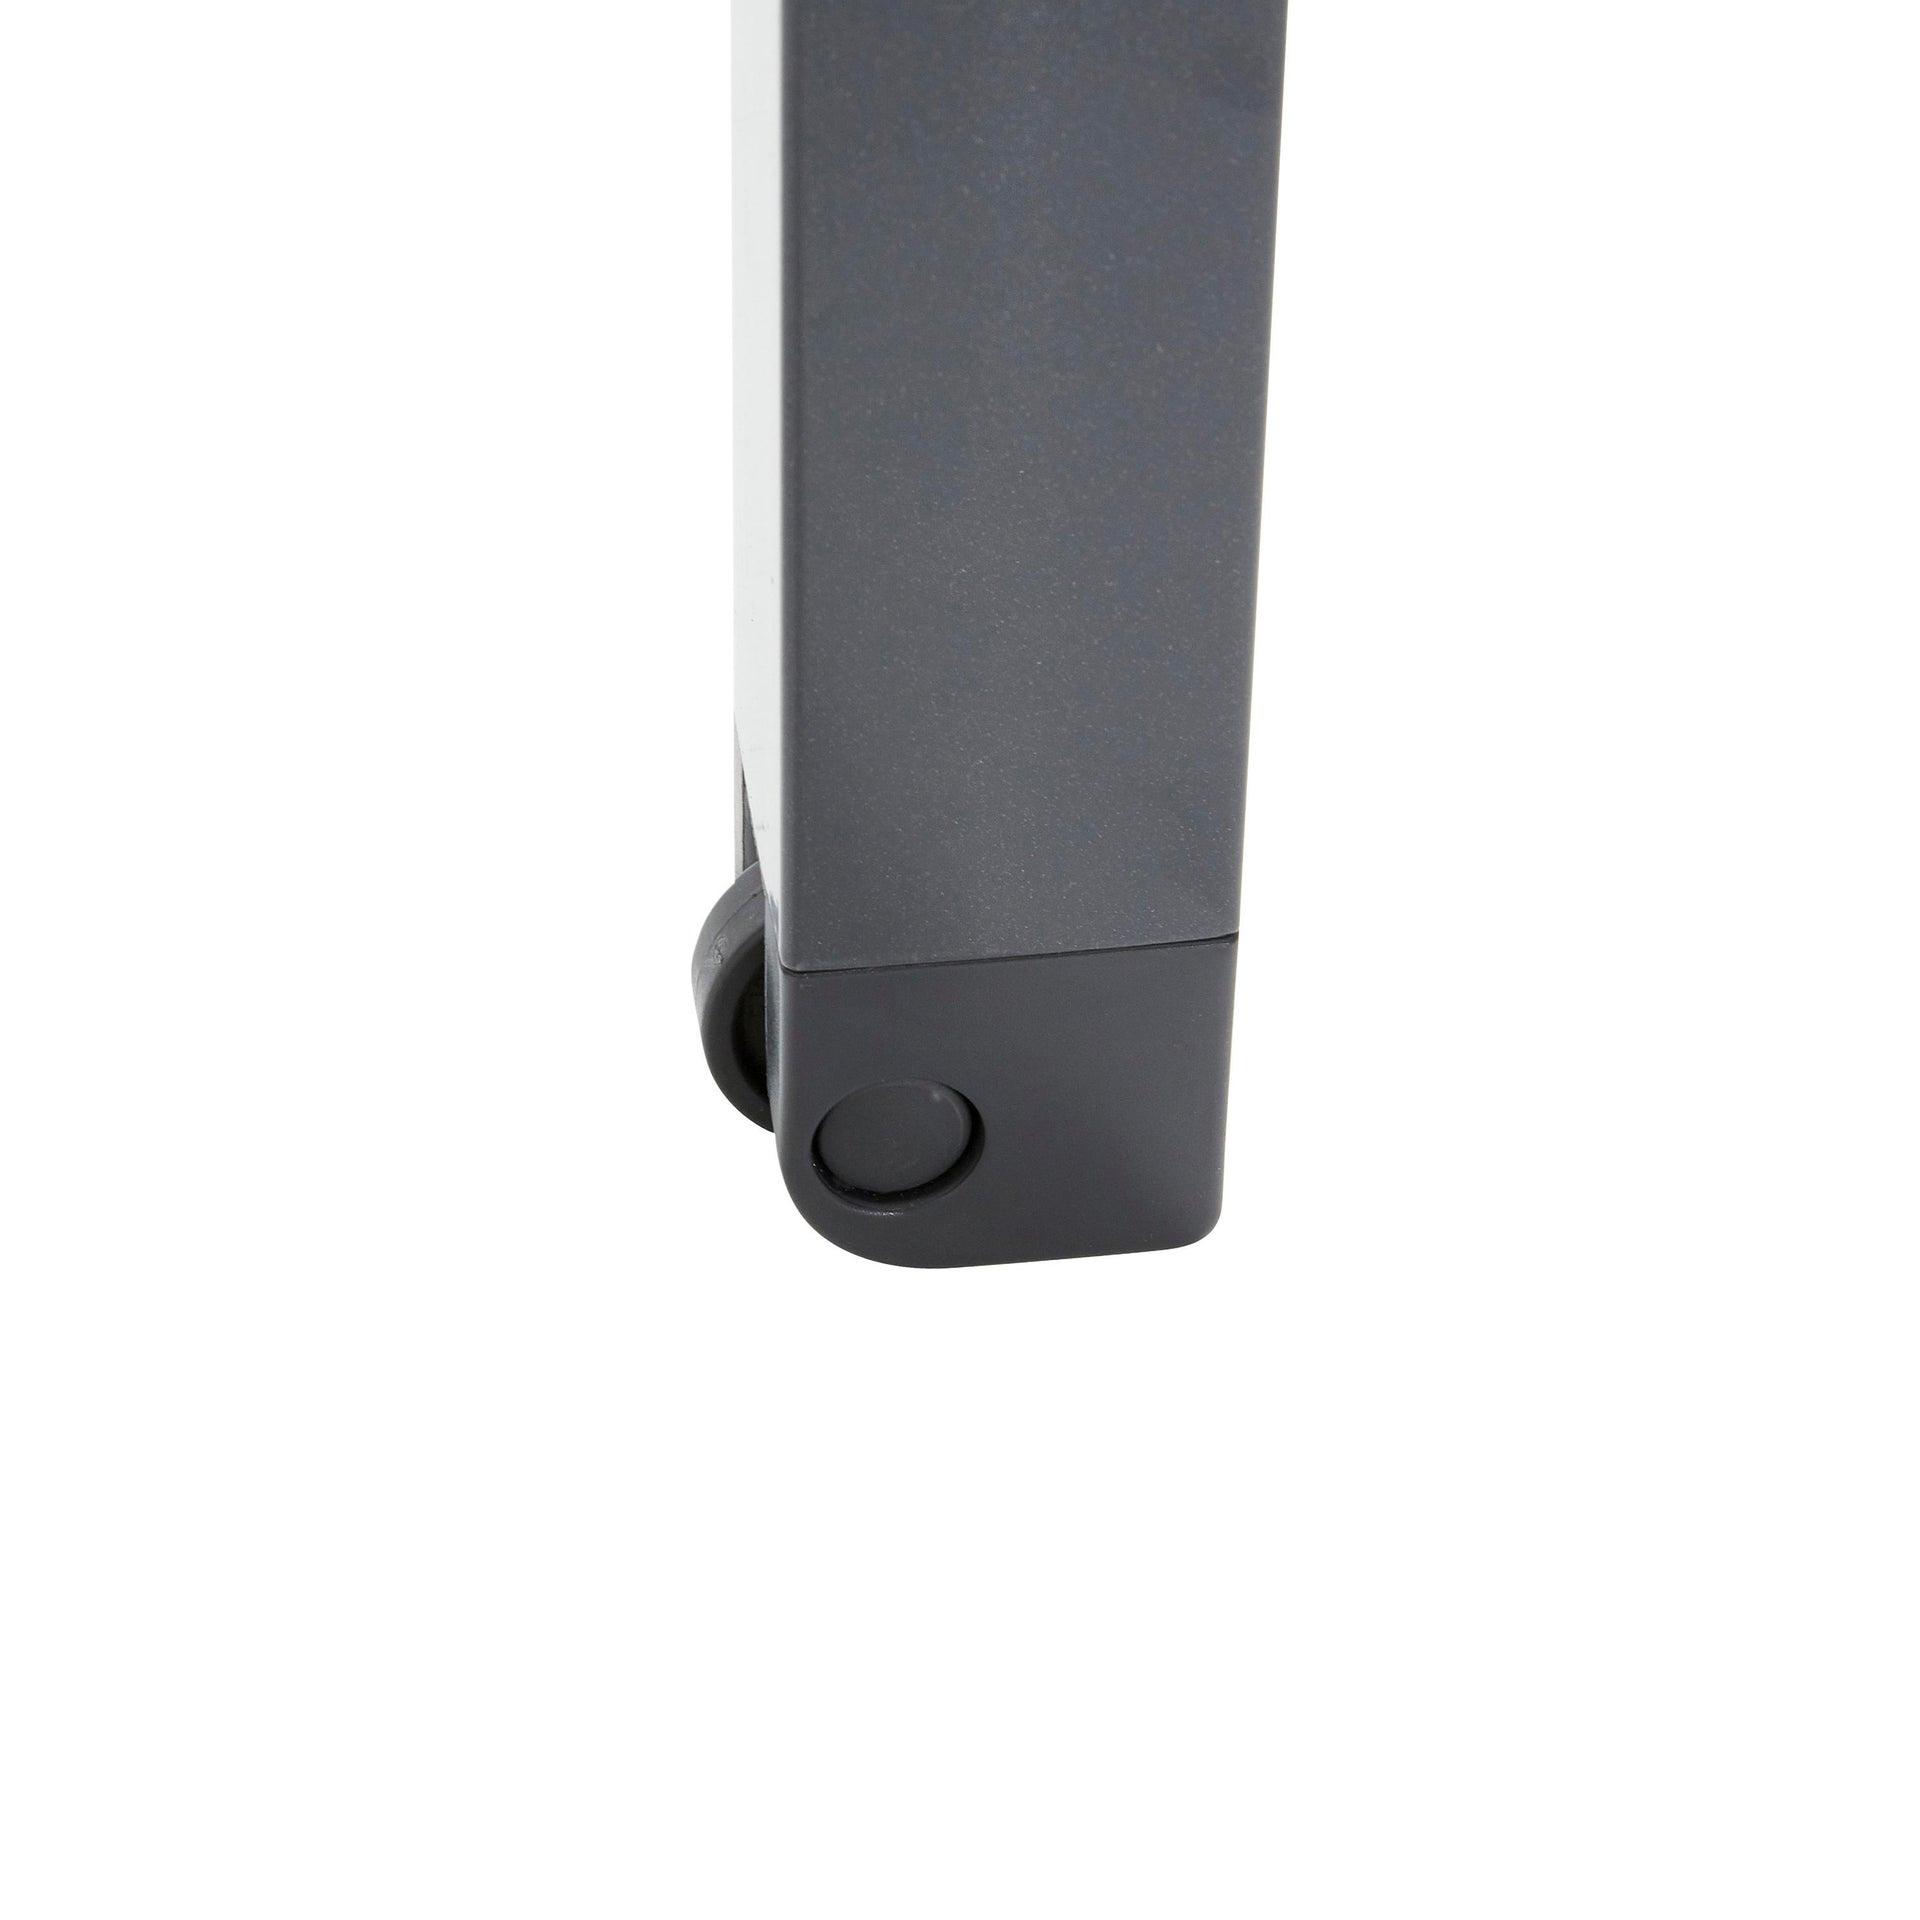 Lettino senza cuscino impilabile NATERIAL Aquila in alluminio grigio scuro - 9